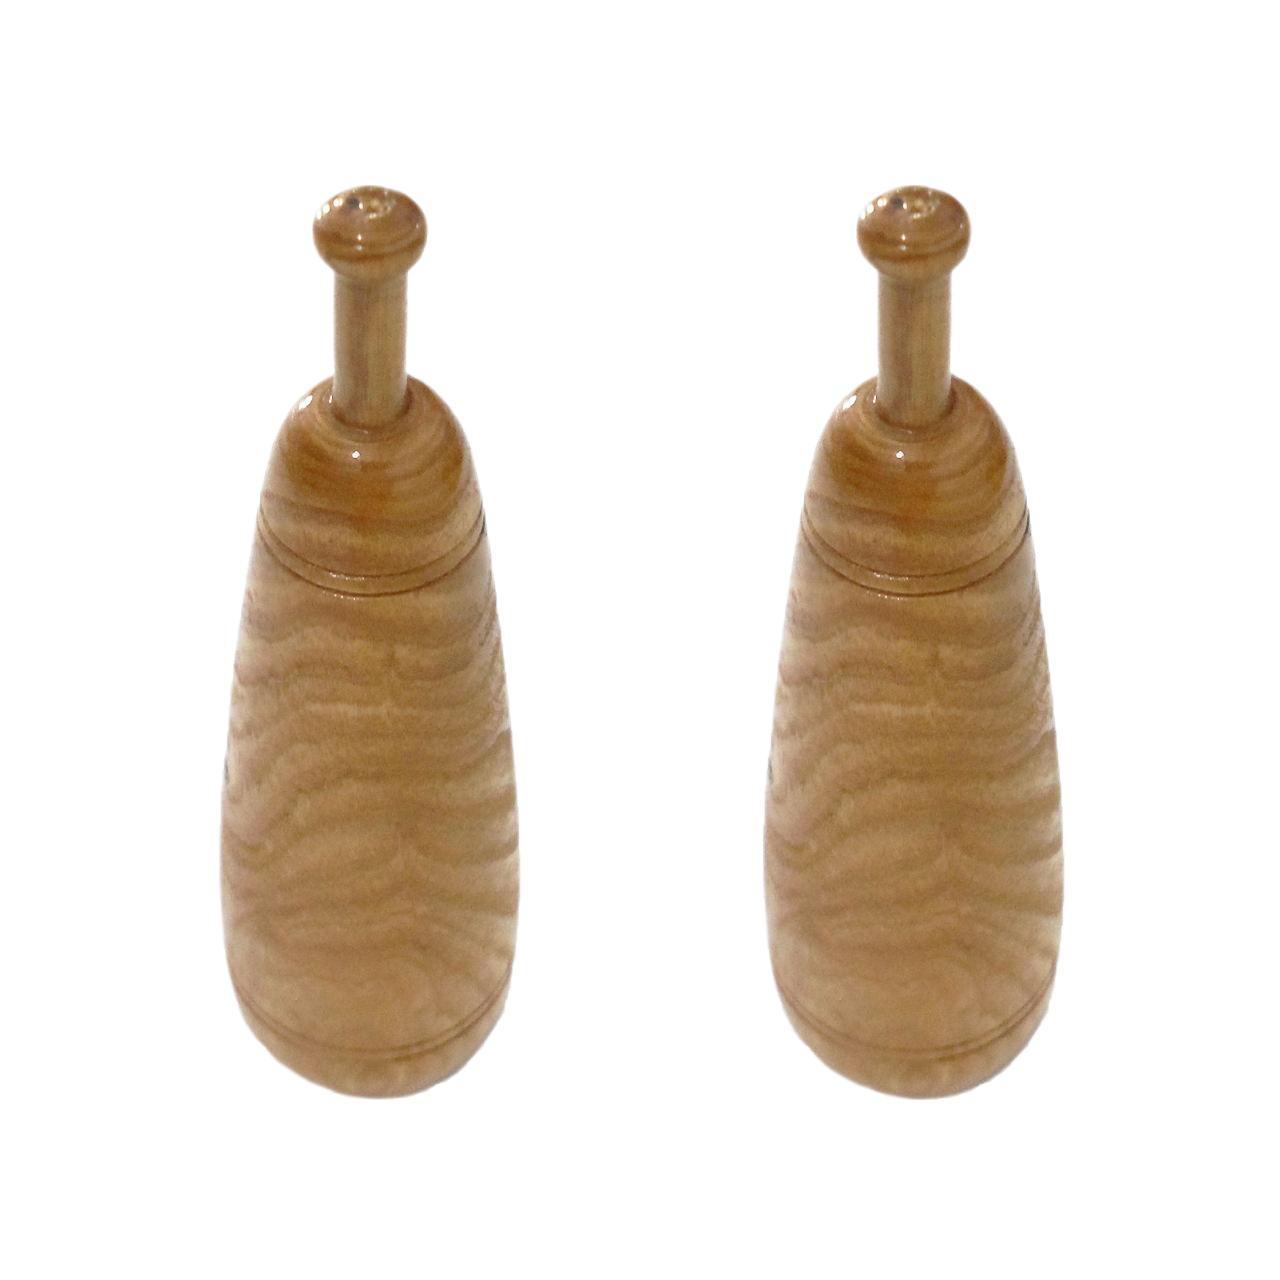 ماکت چوبی طرح میل زورخانه کد Am-Kh-M-01 بسته دو عددی